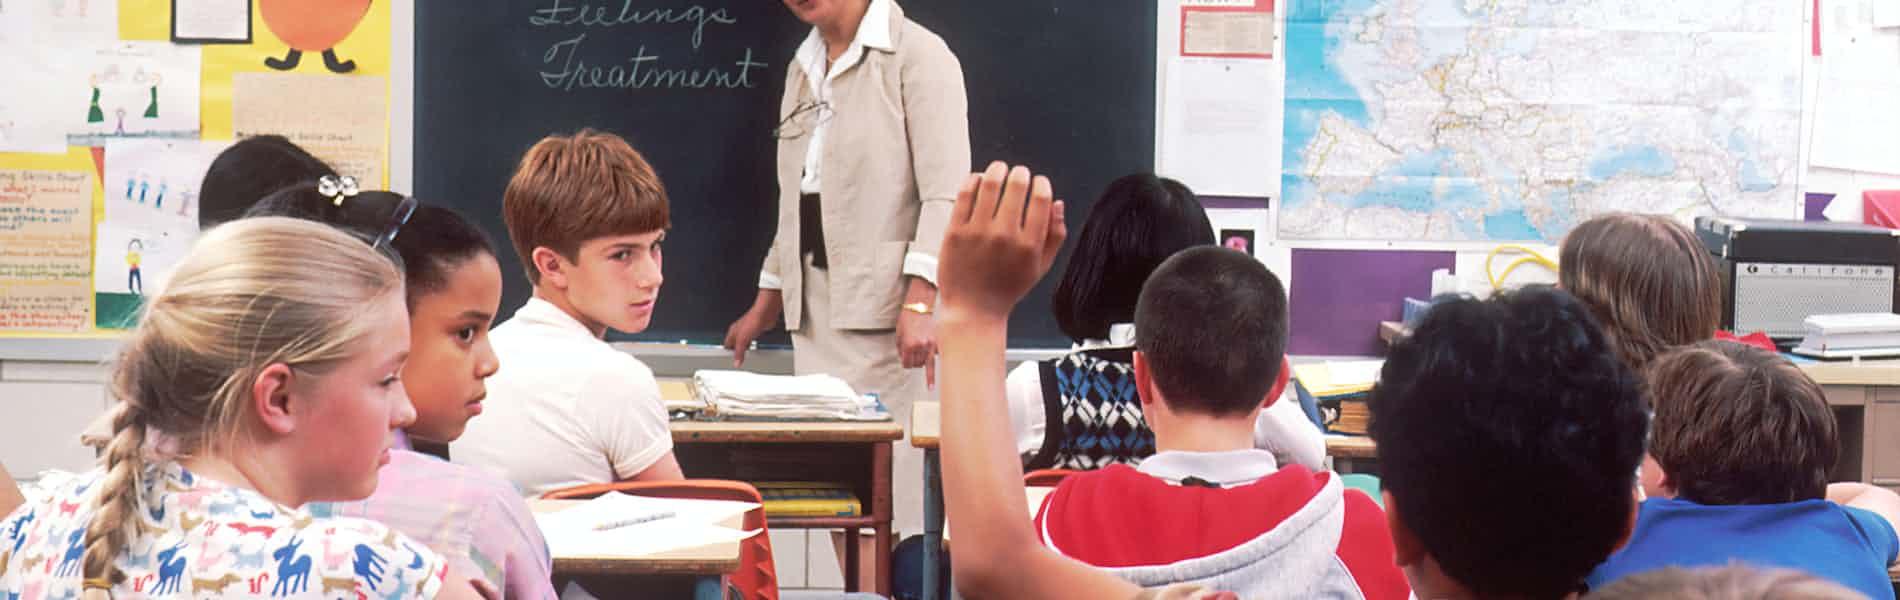 """תוכנית מעטפ""""ת: כלים מבוססי SEL כשפה משותפת של פסיכולוגים חינוכיים ומורים"""